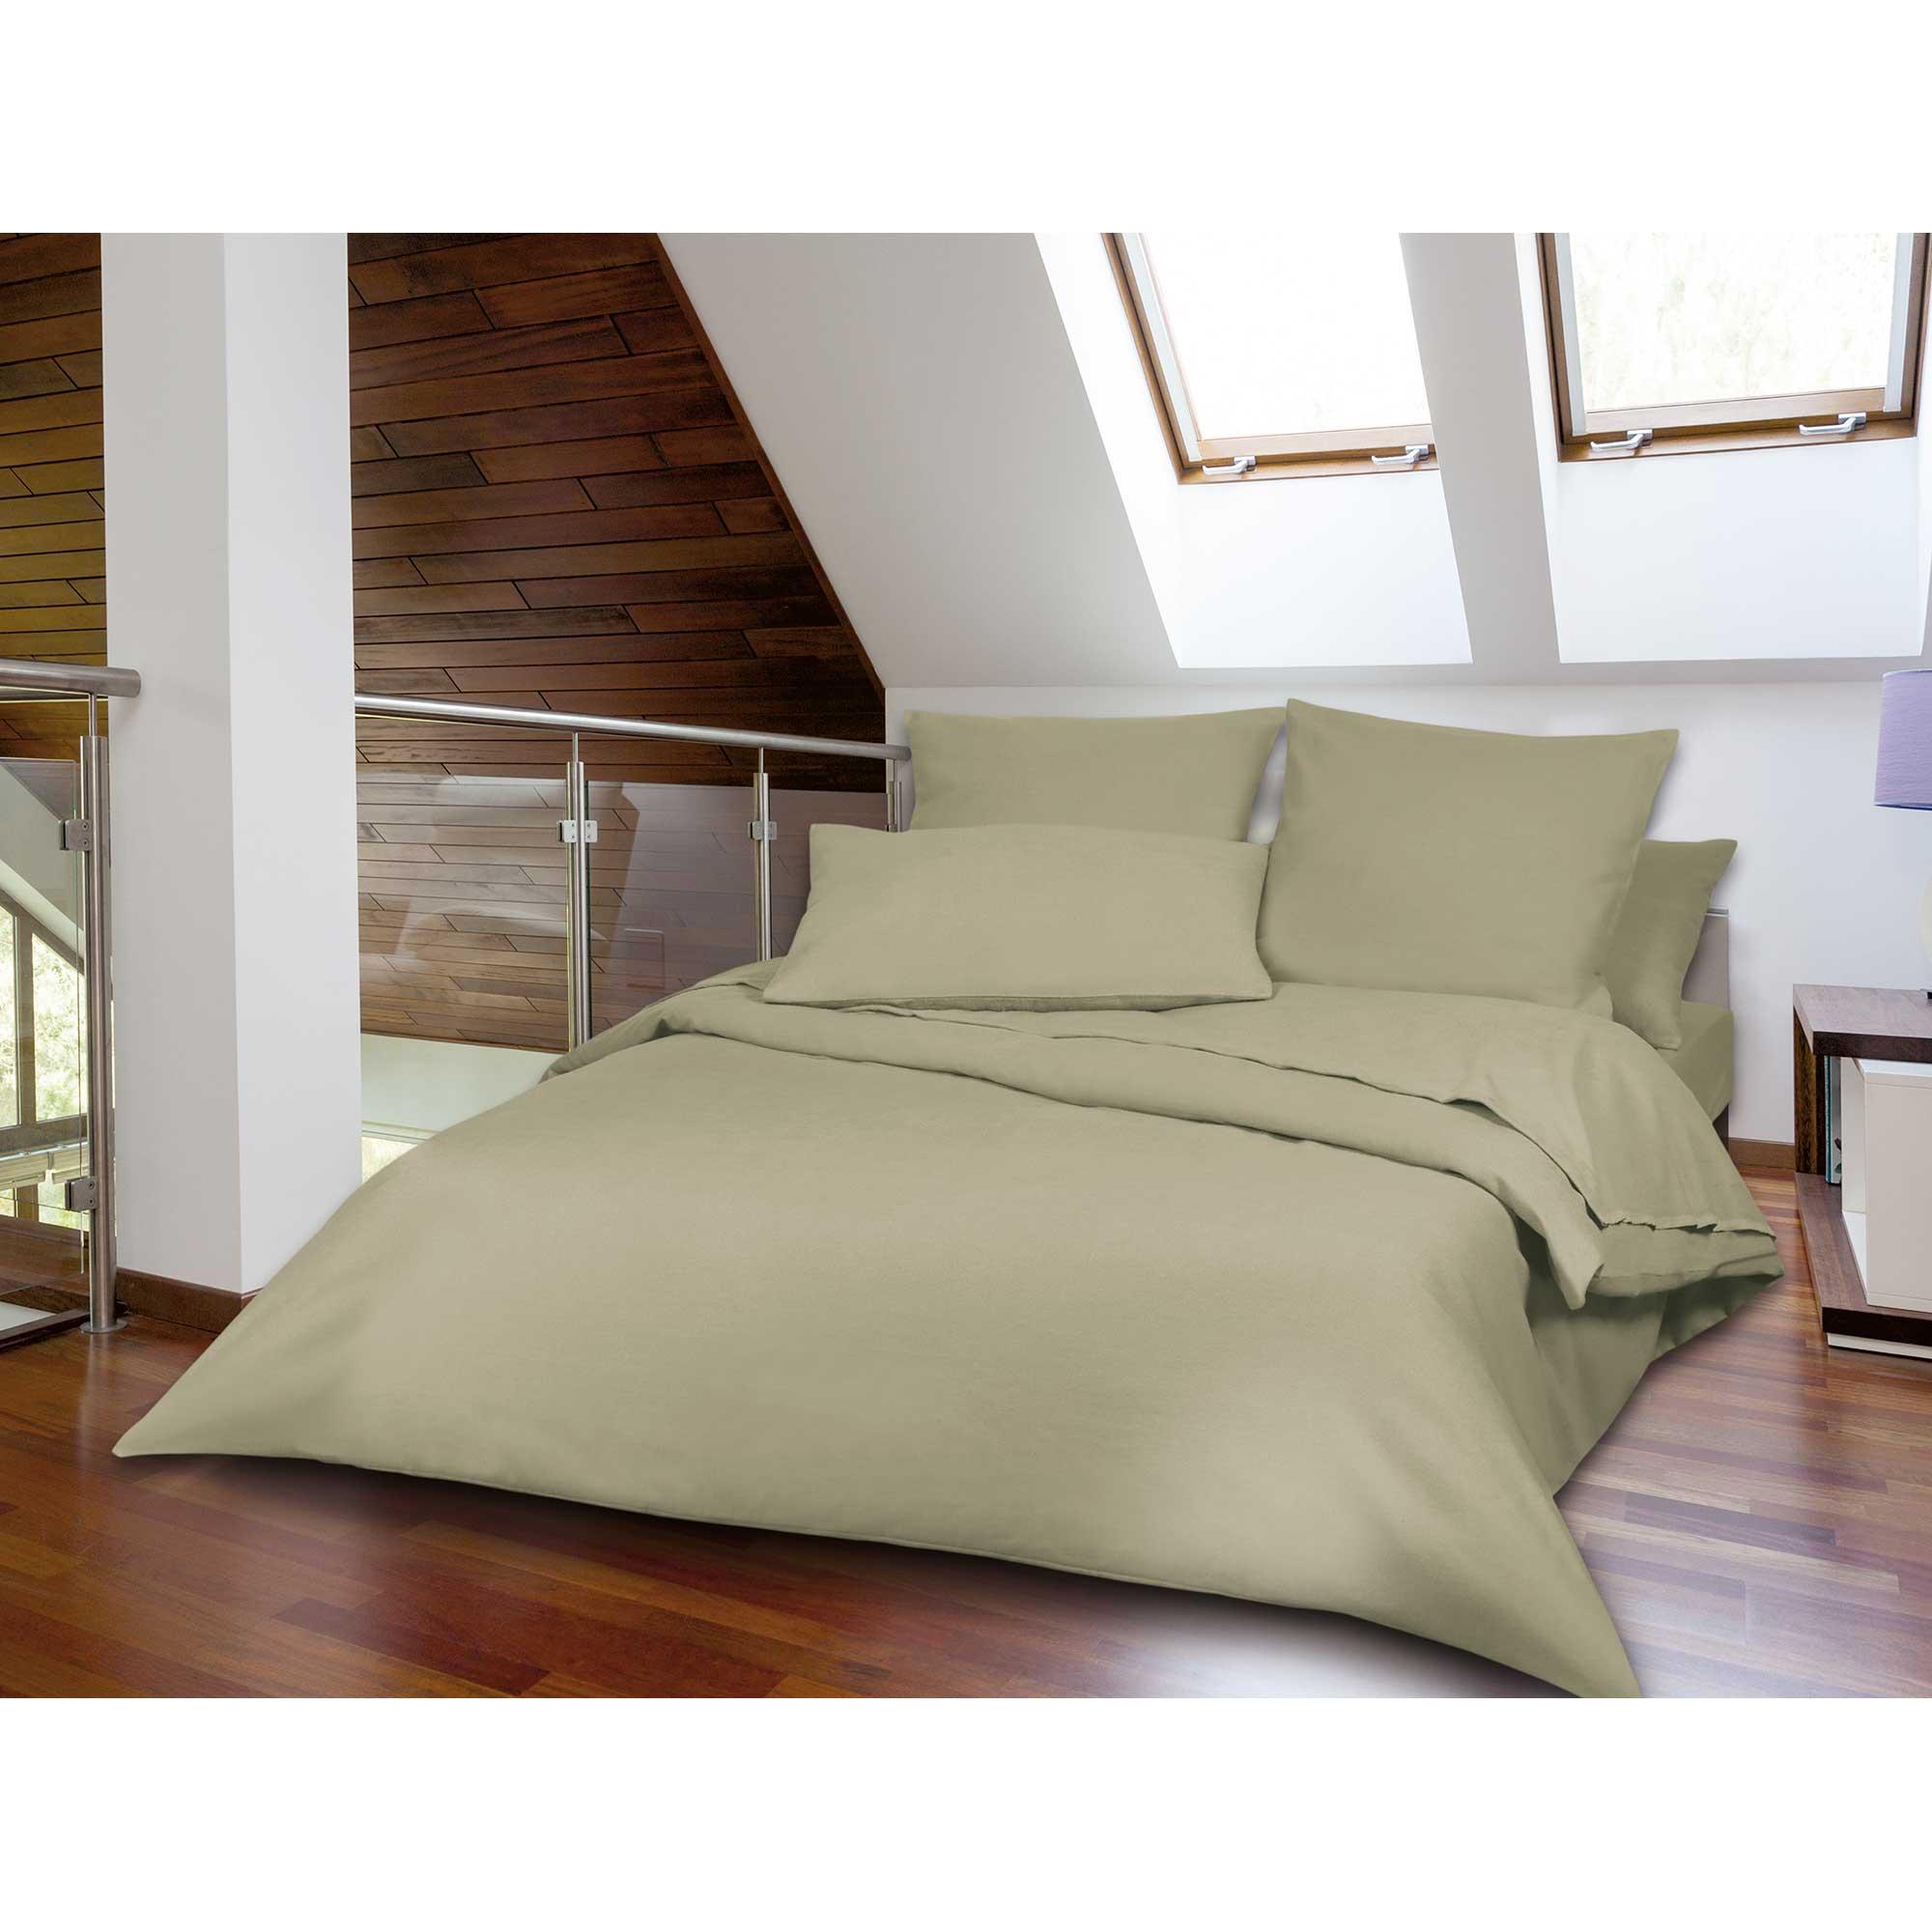 drap housse en flanelle drap housse gris personne matire. Black Bedroom Furniture Sets. Home Design Ideas